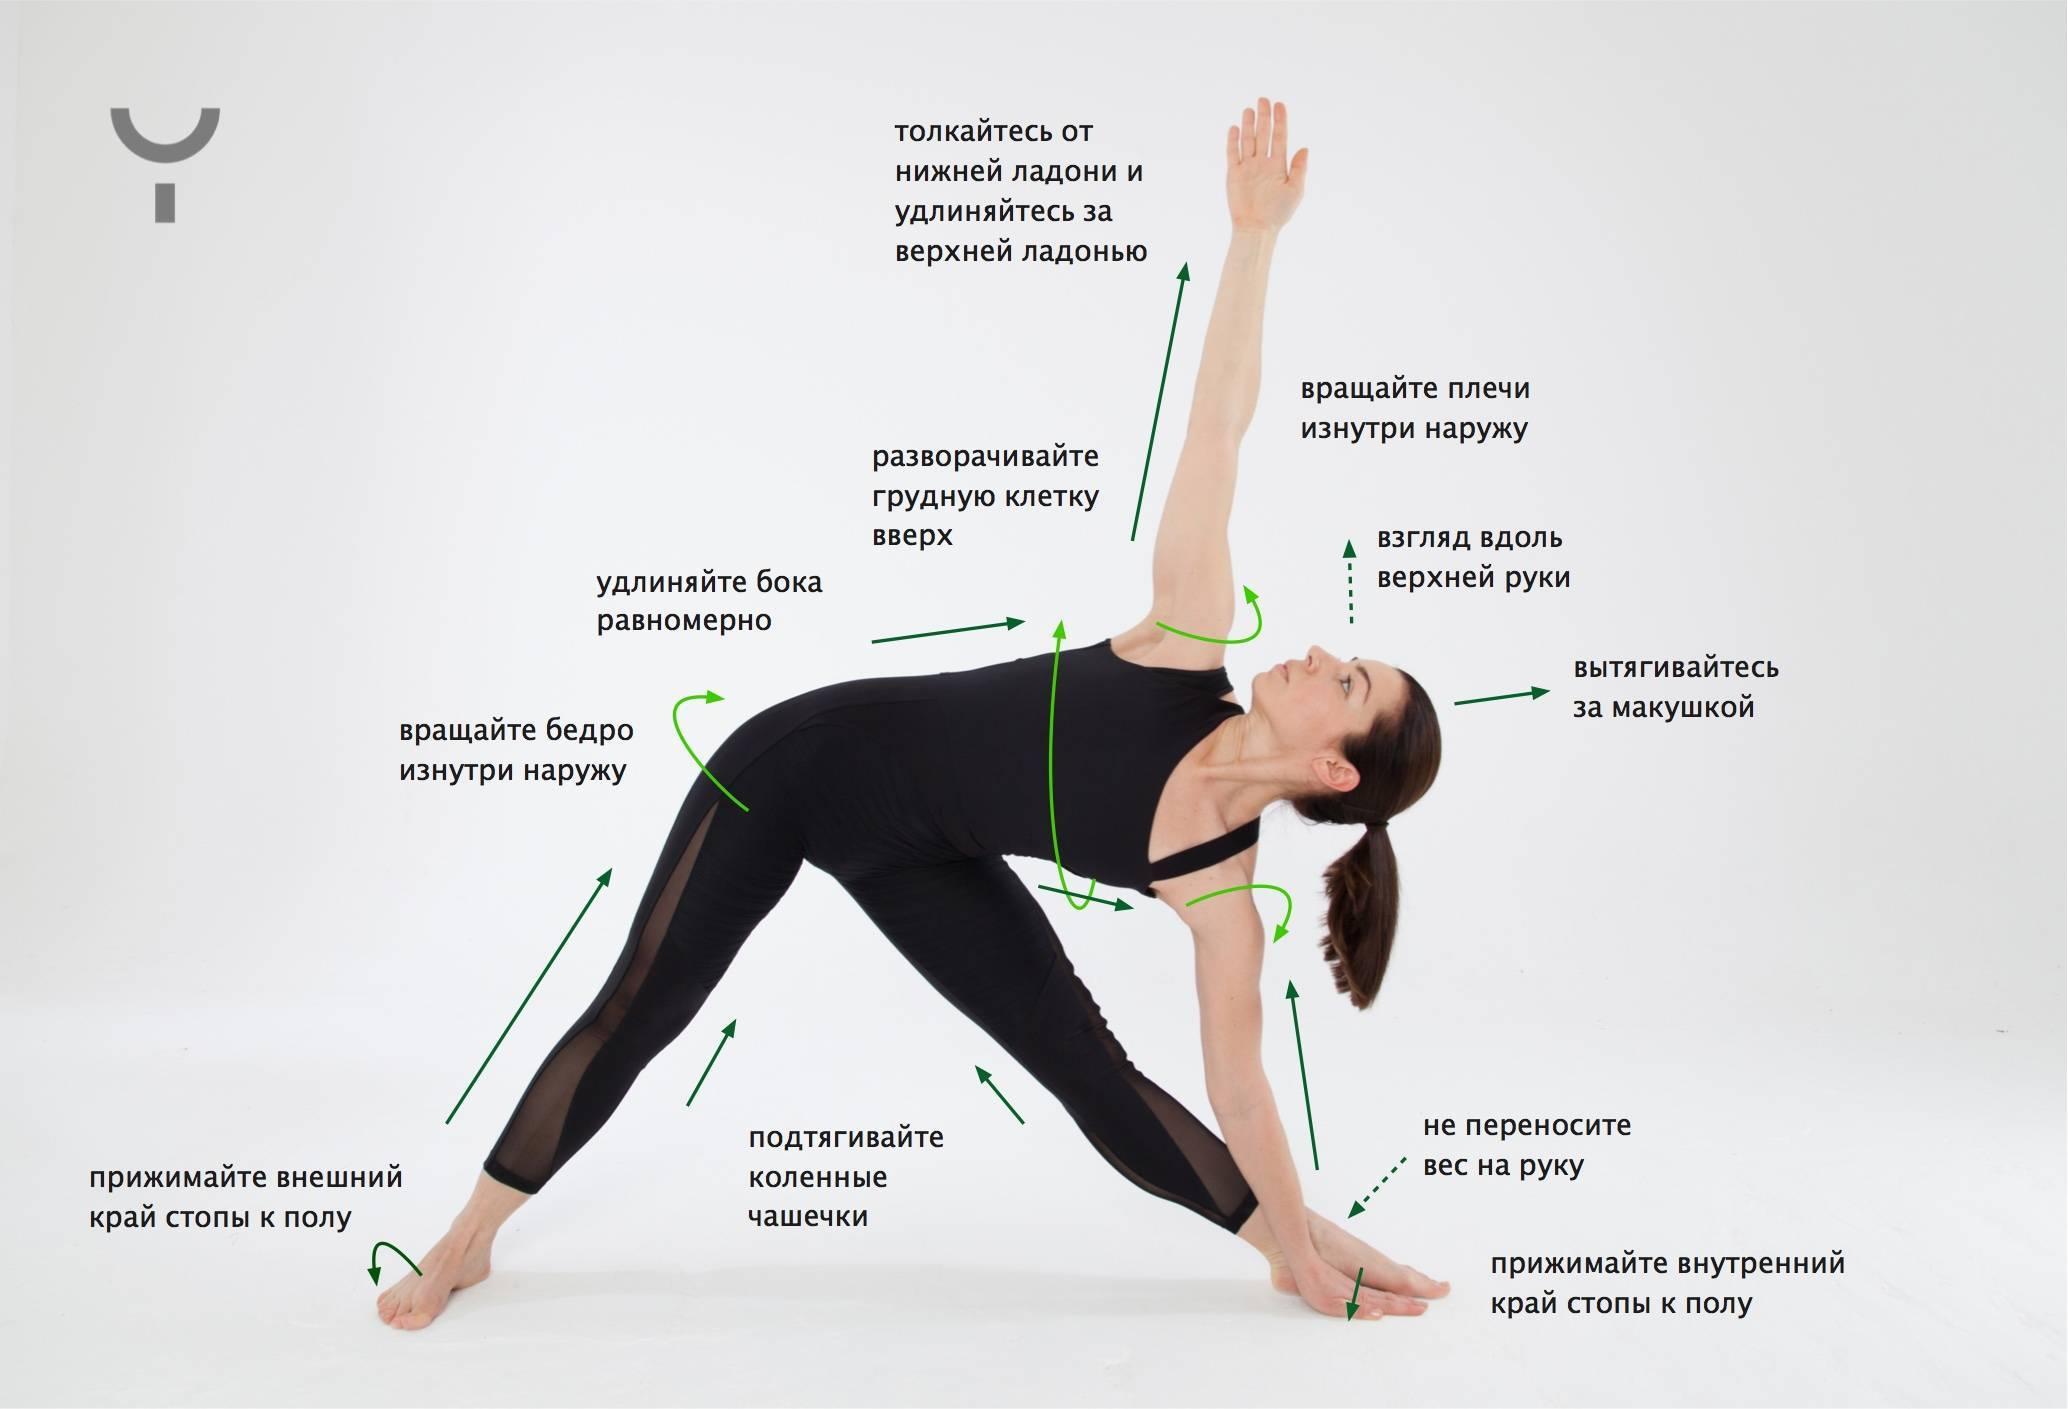 Секреты выполнения баласаны, техника позы ребенка в йоге, польза асаны